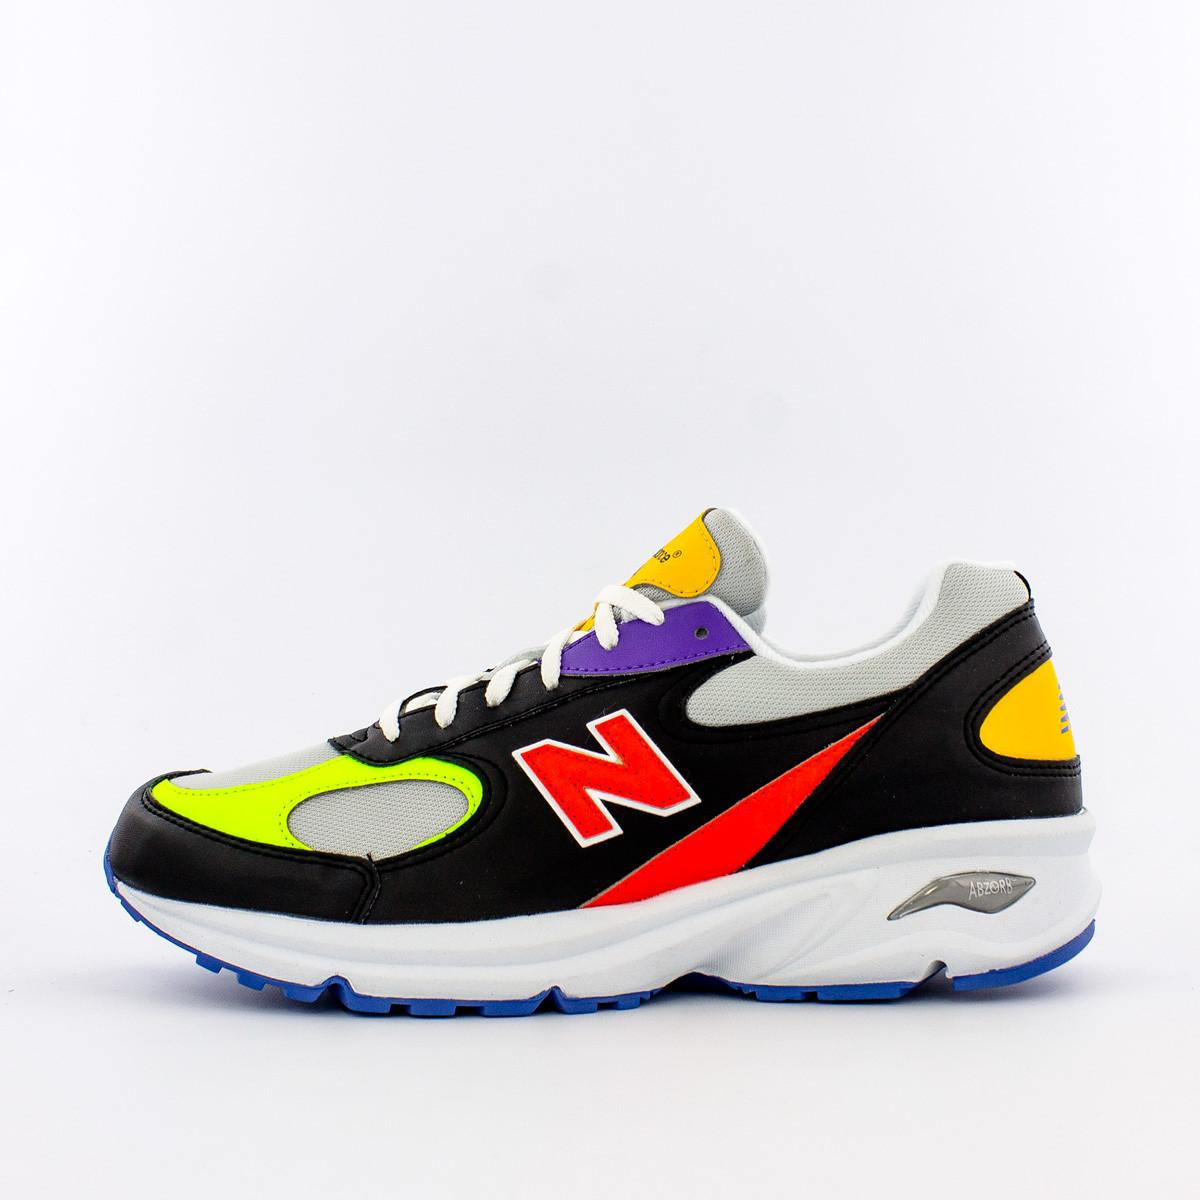 New Balance 498 - Yellow/Black-White